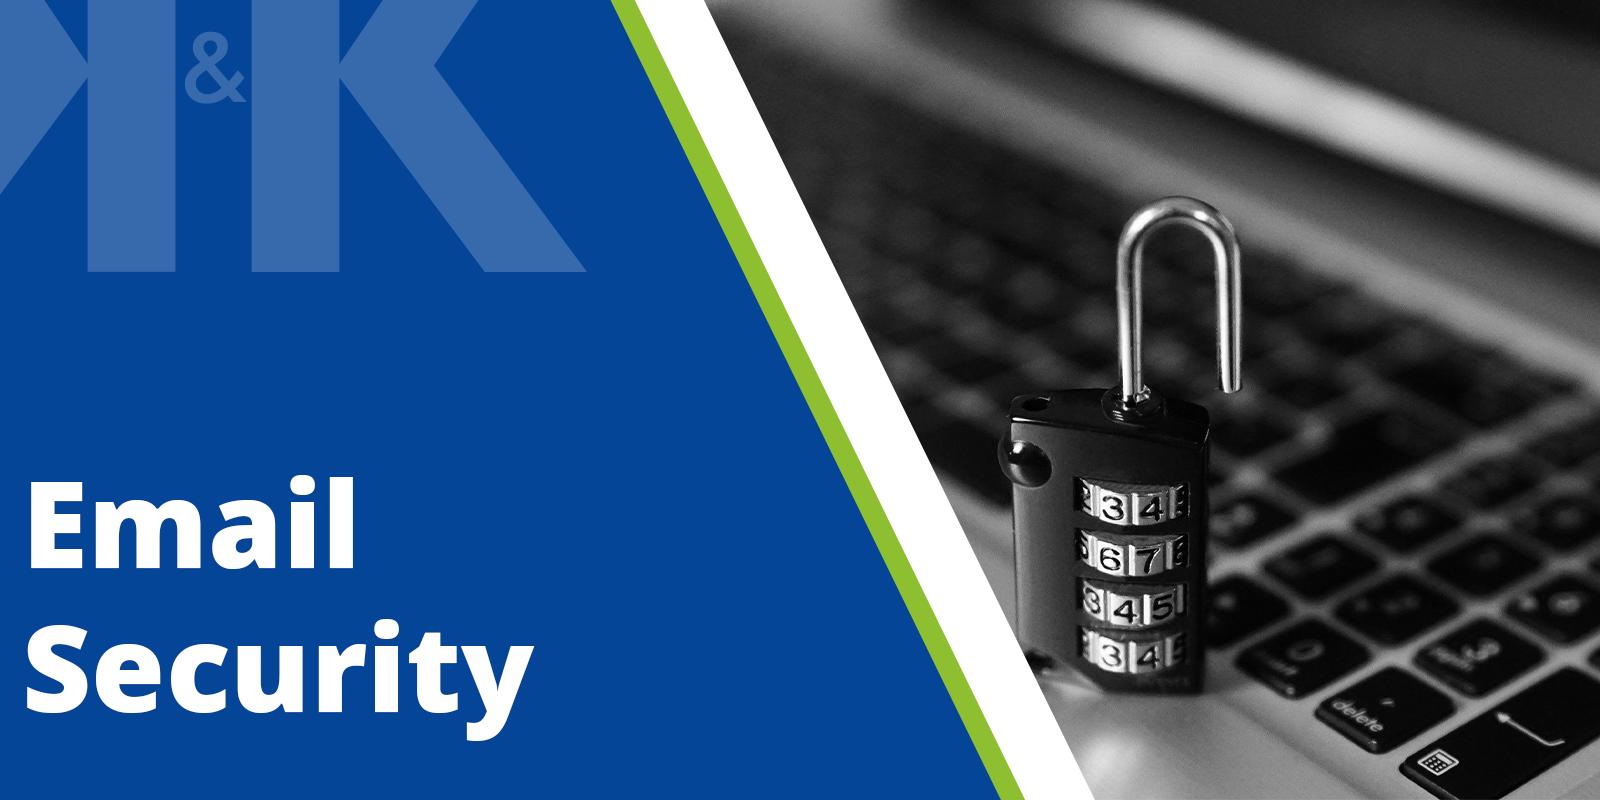 """Vorschaubild für einen Blogpost zum Thema: """"Email Security"""". Es zeigt den Textzug """"Email Security"""". Gestaltet im Corporate Design der K&K Software AG."""